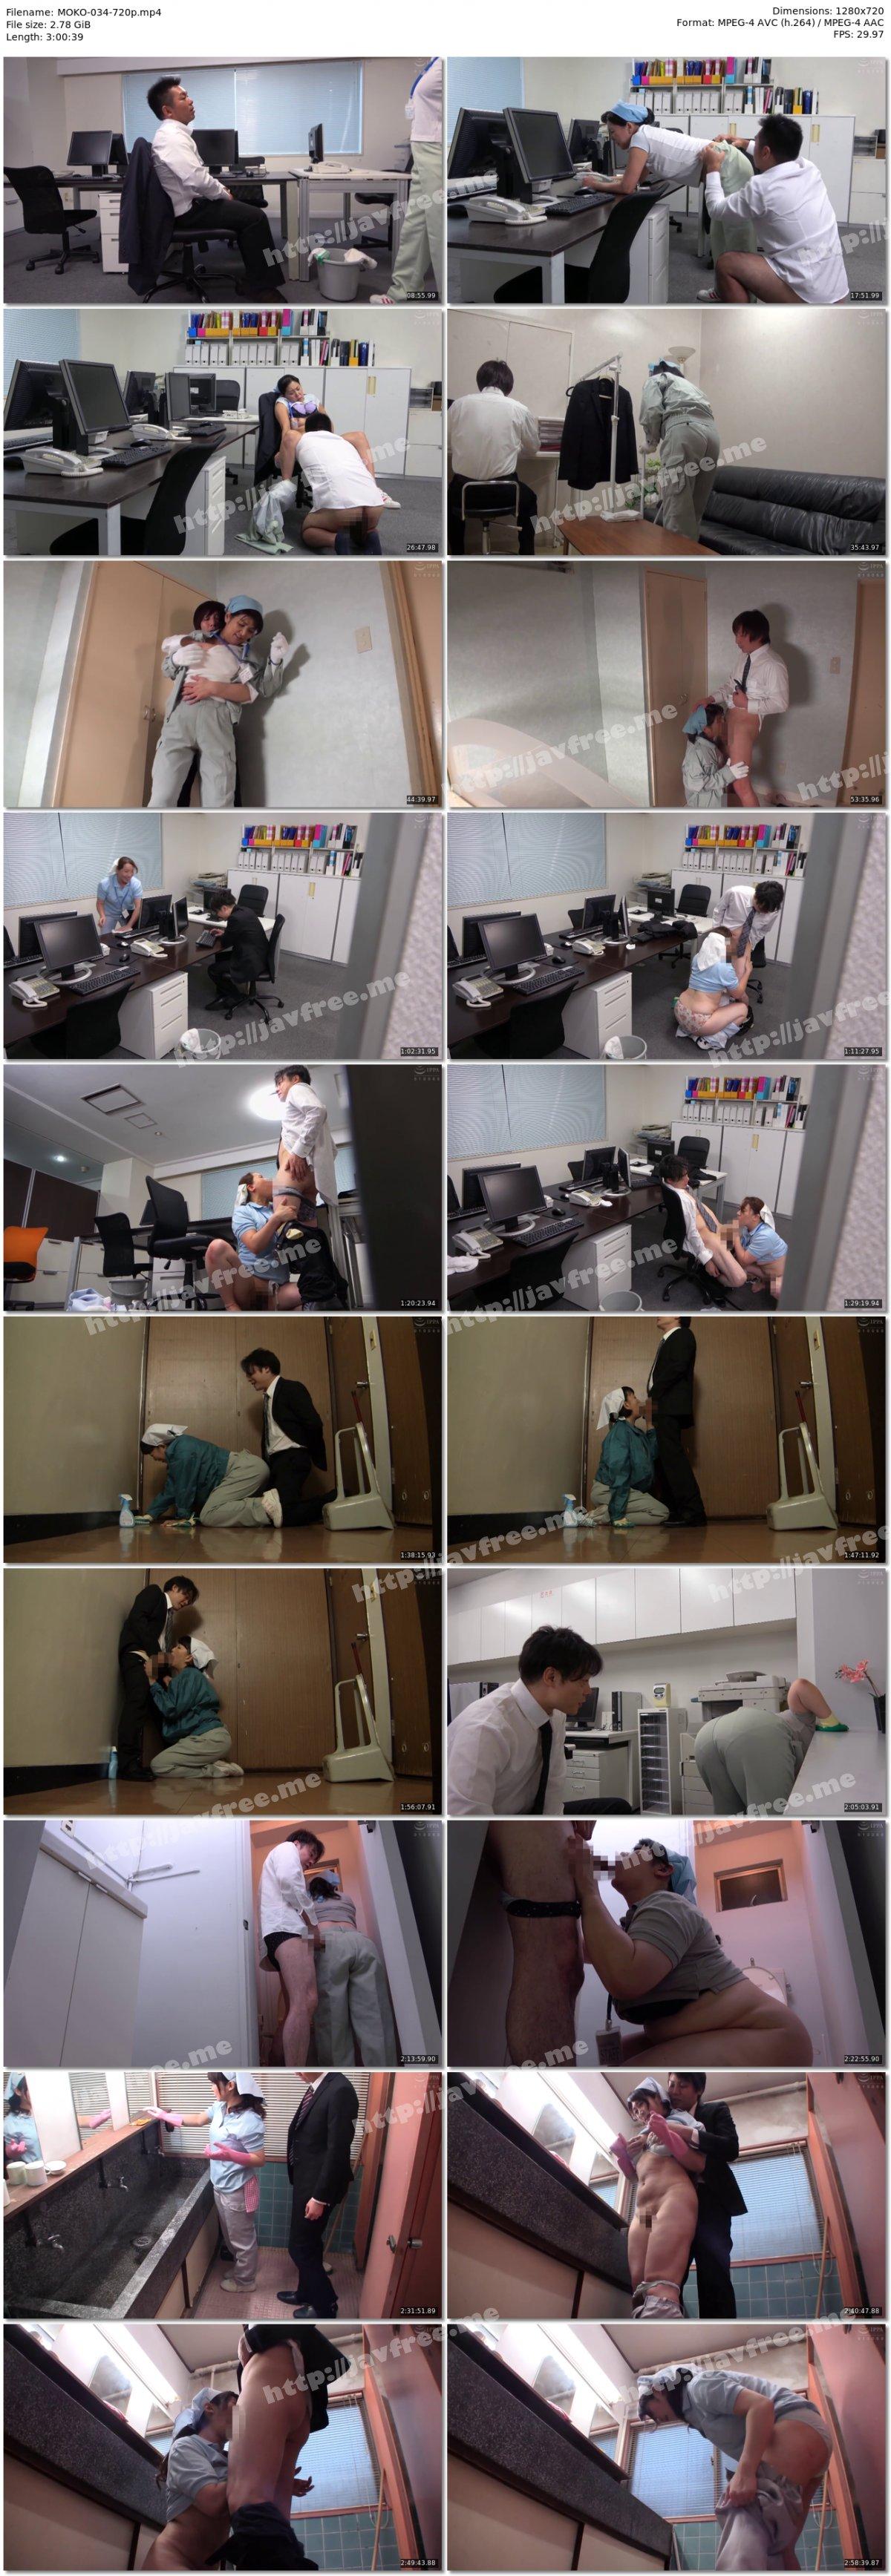 [HD][MOKO-034] 「ヤリたくなっちゃうから、いじらないで~」掃除のおばさんのムチ尻をねちっこく触ってみたら… 180分 - image MOKO-034-720p on https://javfree.me